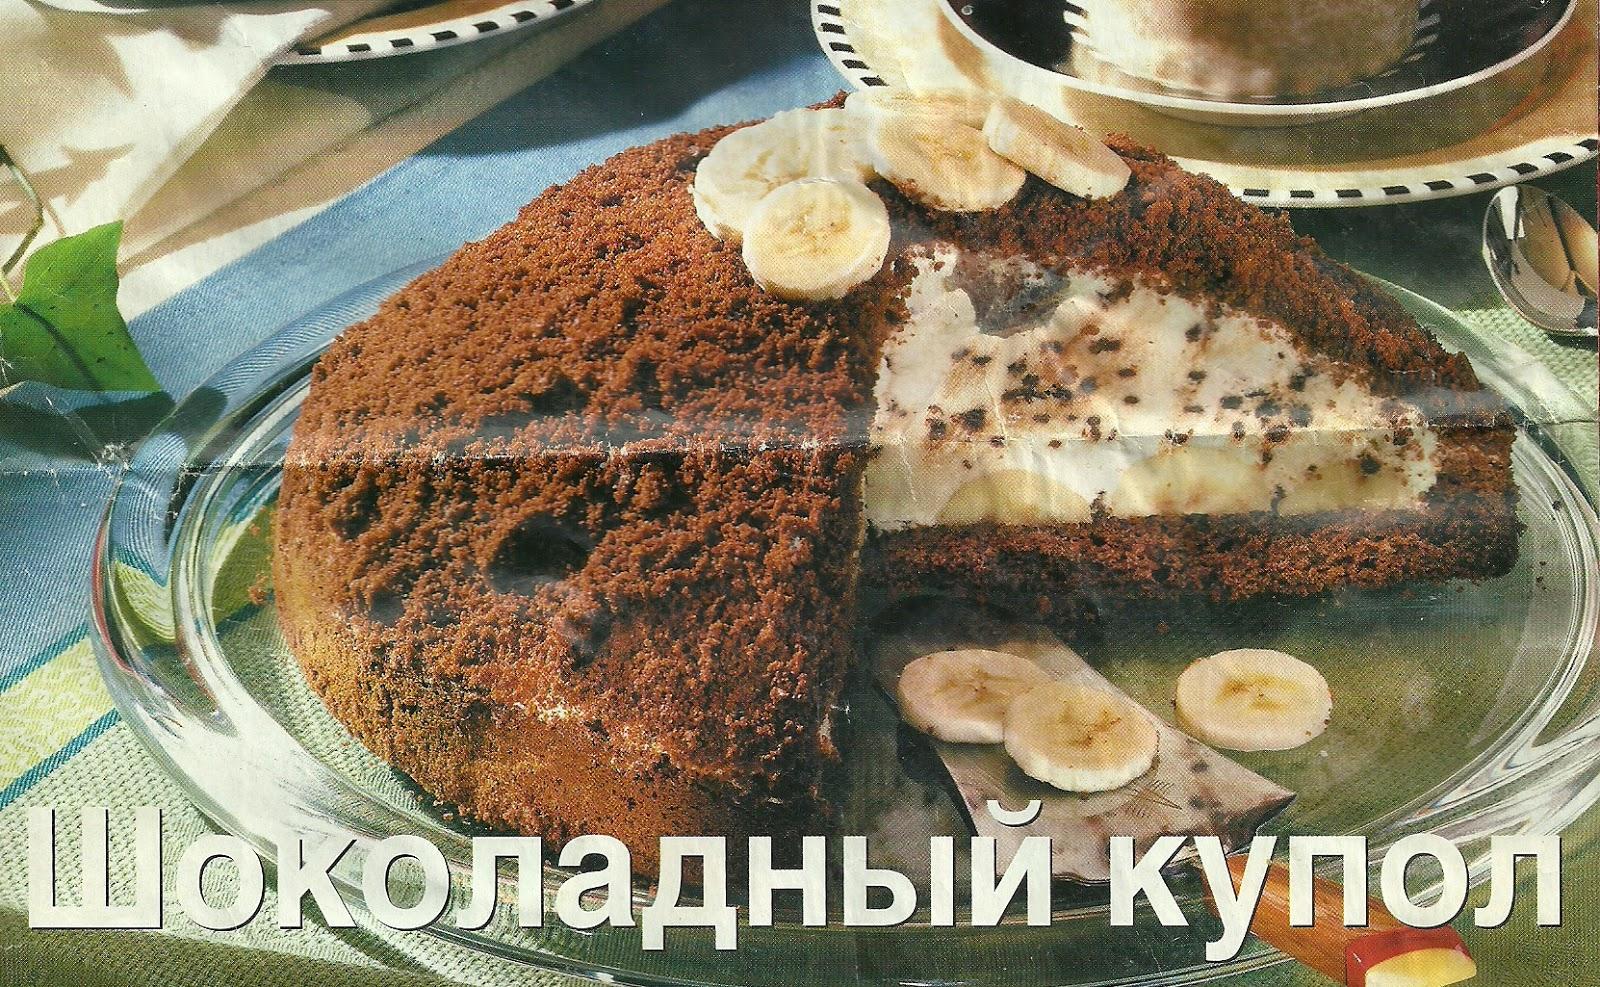 Рецепт приготовления бисквитного торта с бананами